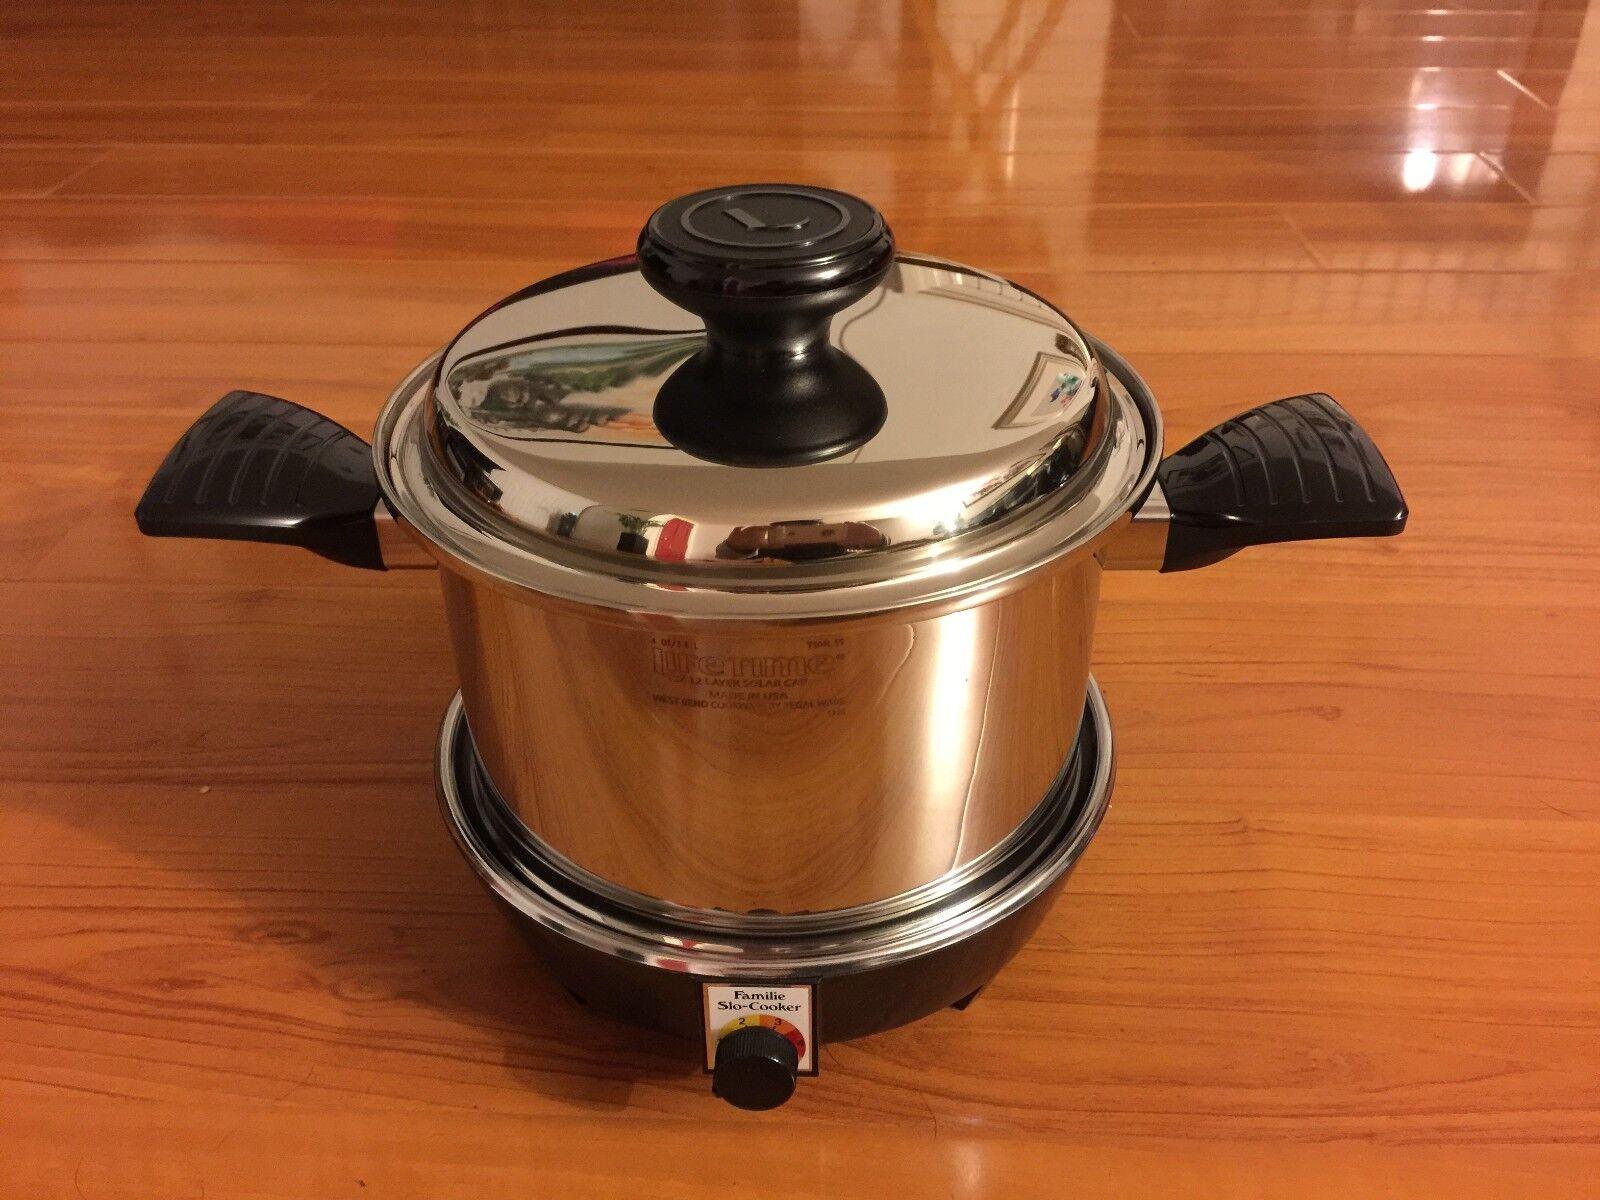 NEUF Lifetime 12 Couche en Acier Inoxydable Waterless Cookware